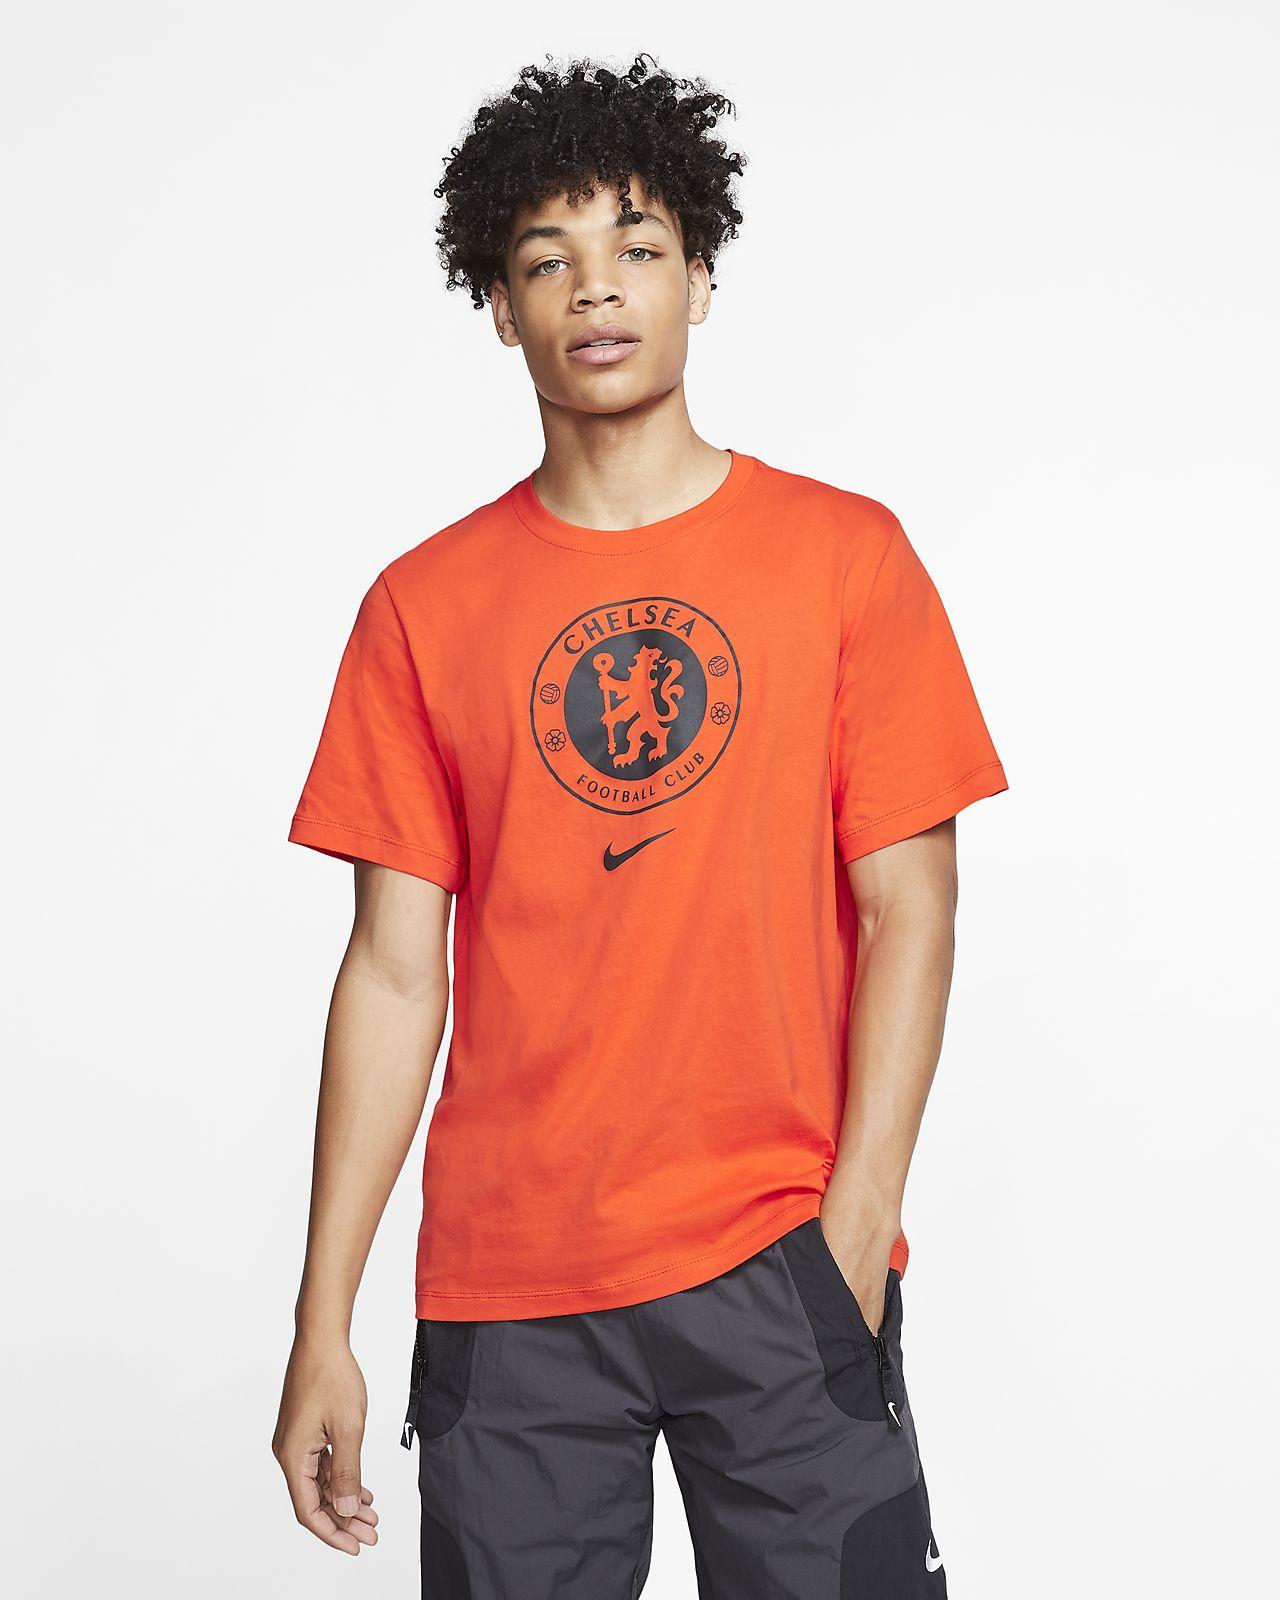 Chelsea FC fotball-T-skjorte til herre